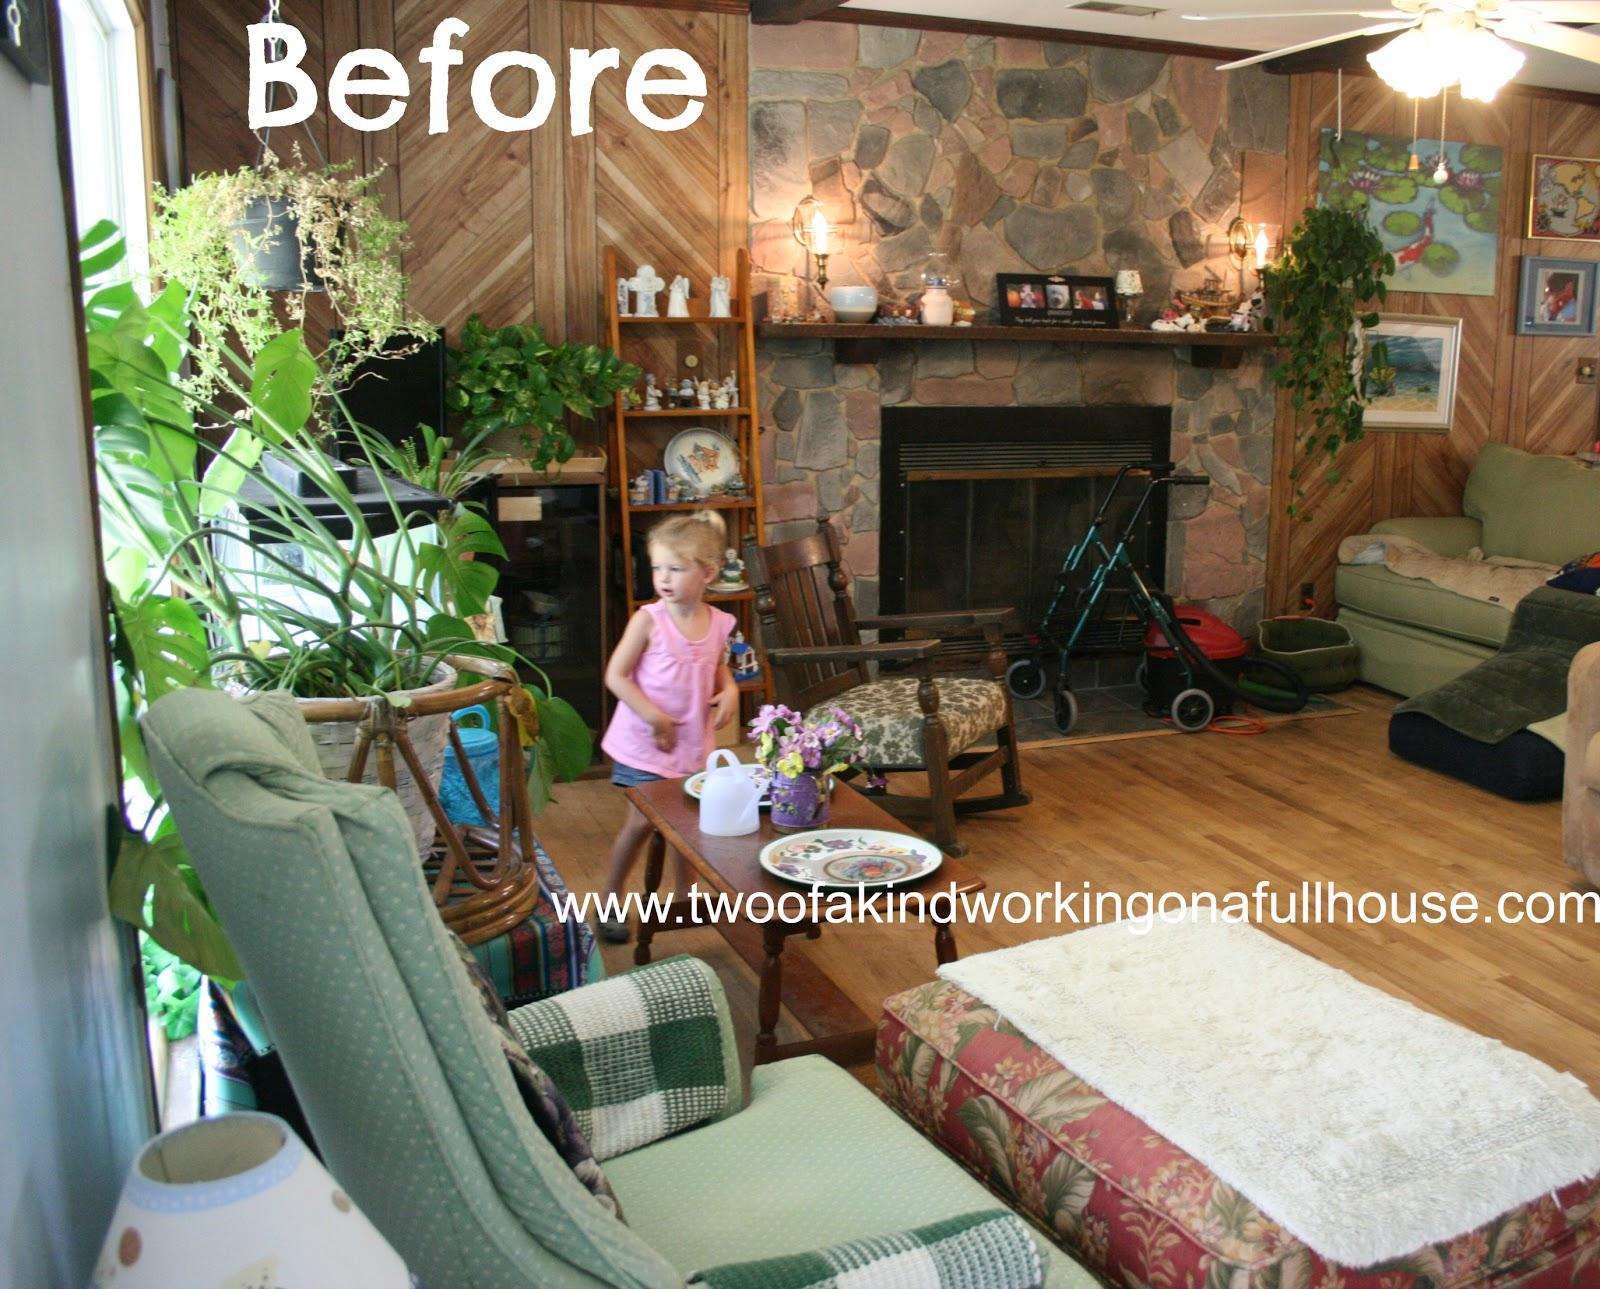 best flooring for kitchen area best way to clean hardwood floors